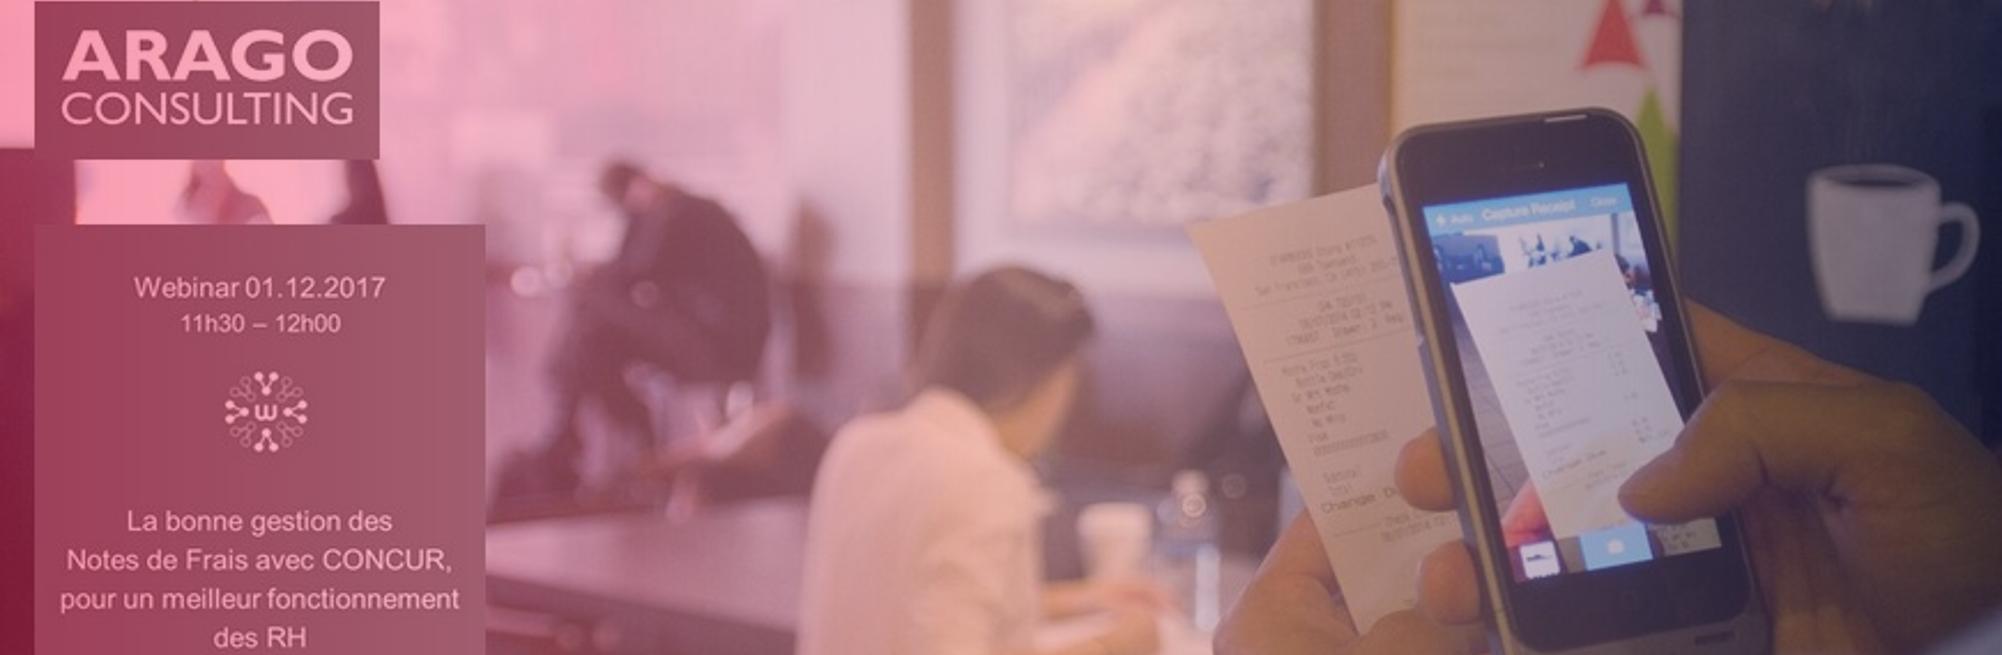 Webinar ARAGO Consulting : Gestion automatisée des notes de frais pour un meilleur fonctionnement RH